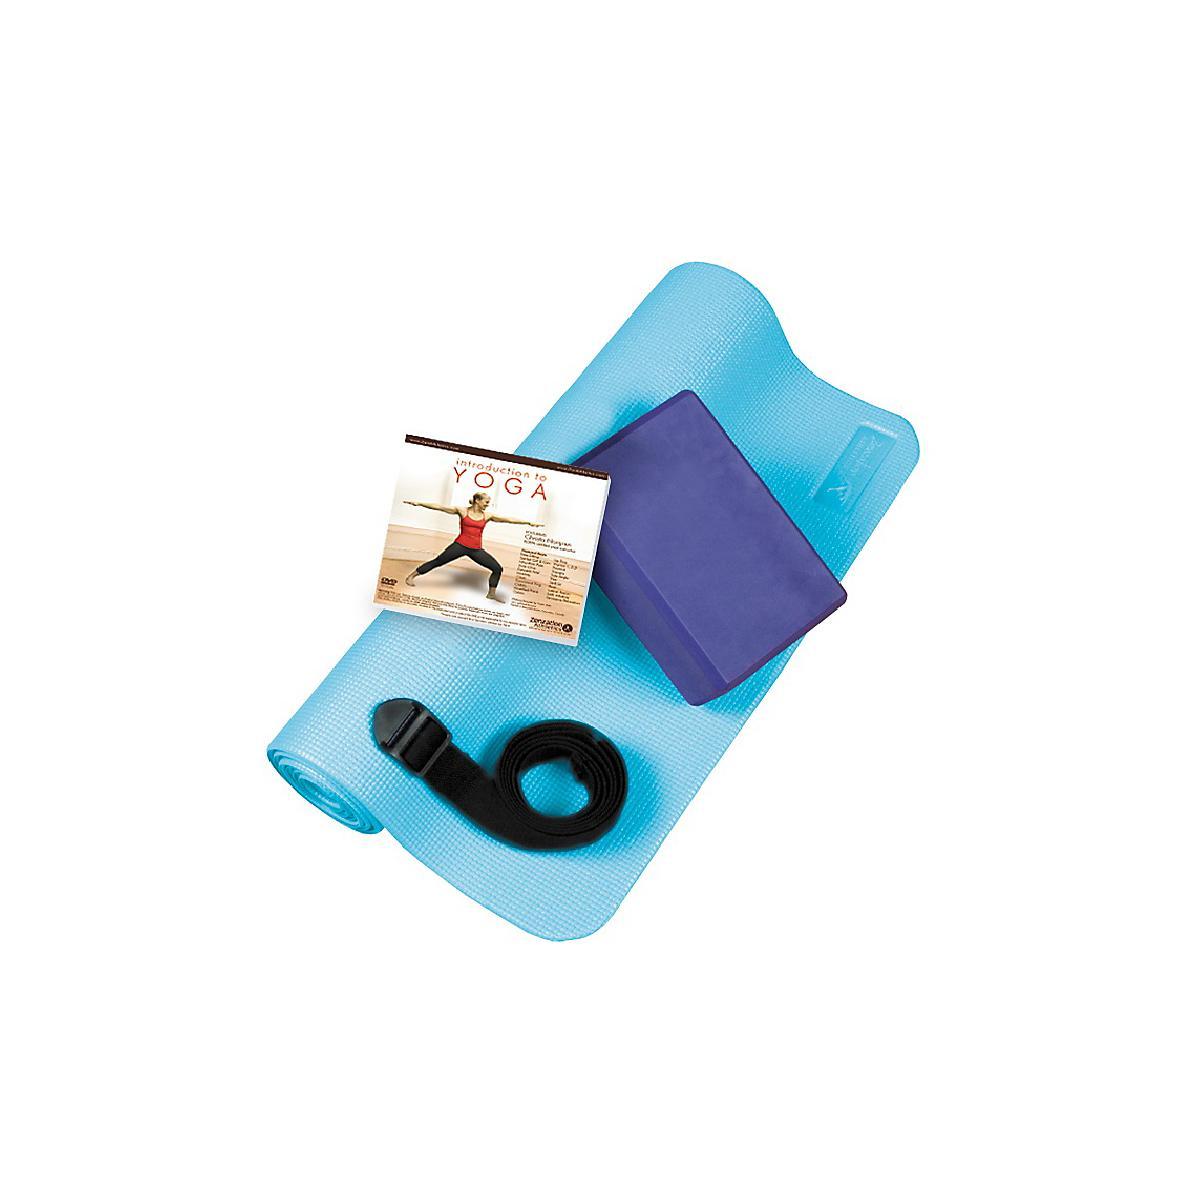 Trimax�Zenzation Deluxe Yoga Kit